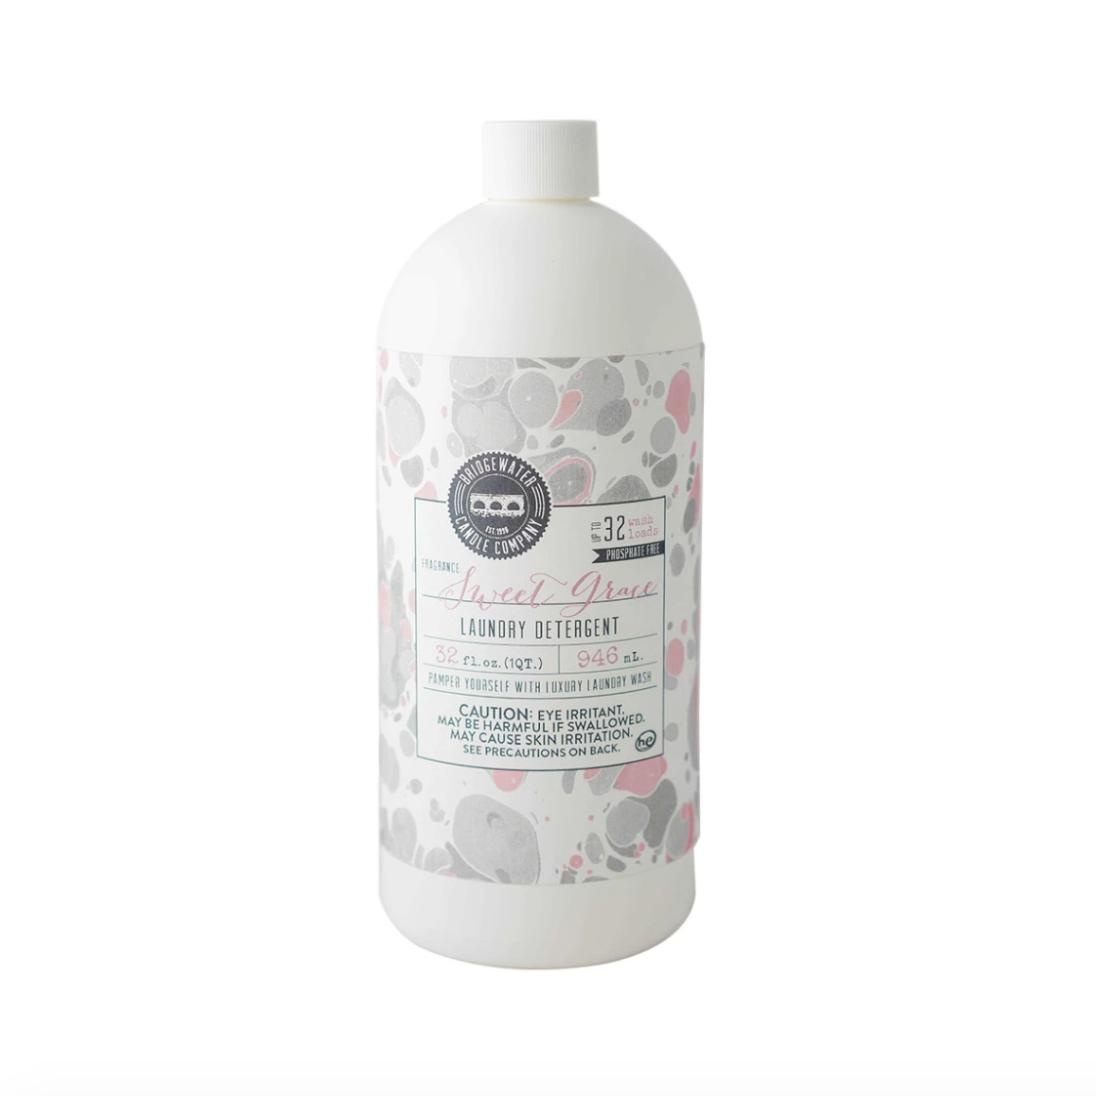 Sweet Grace: Laundry Detergent